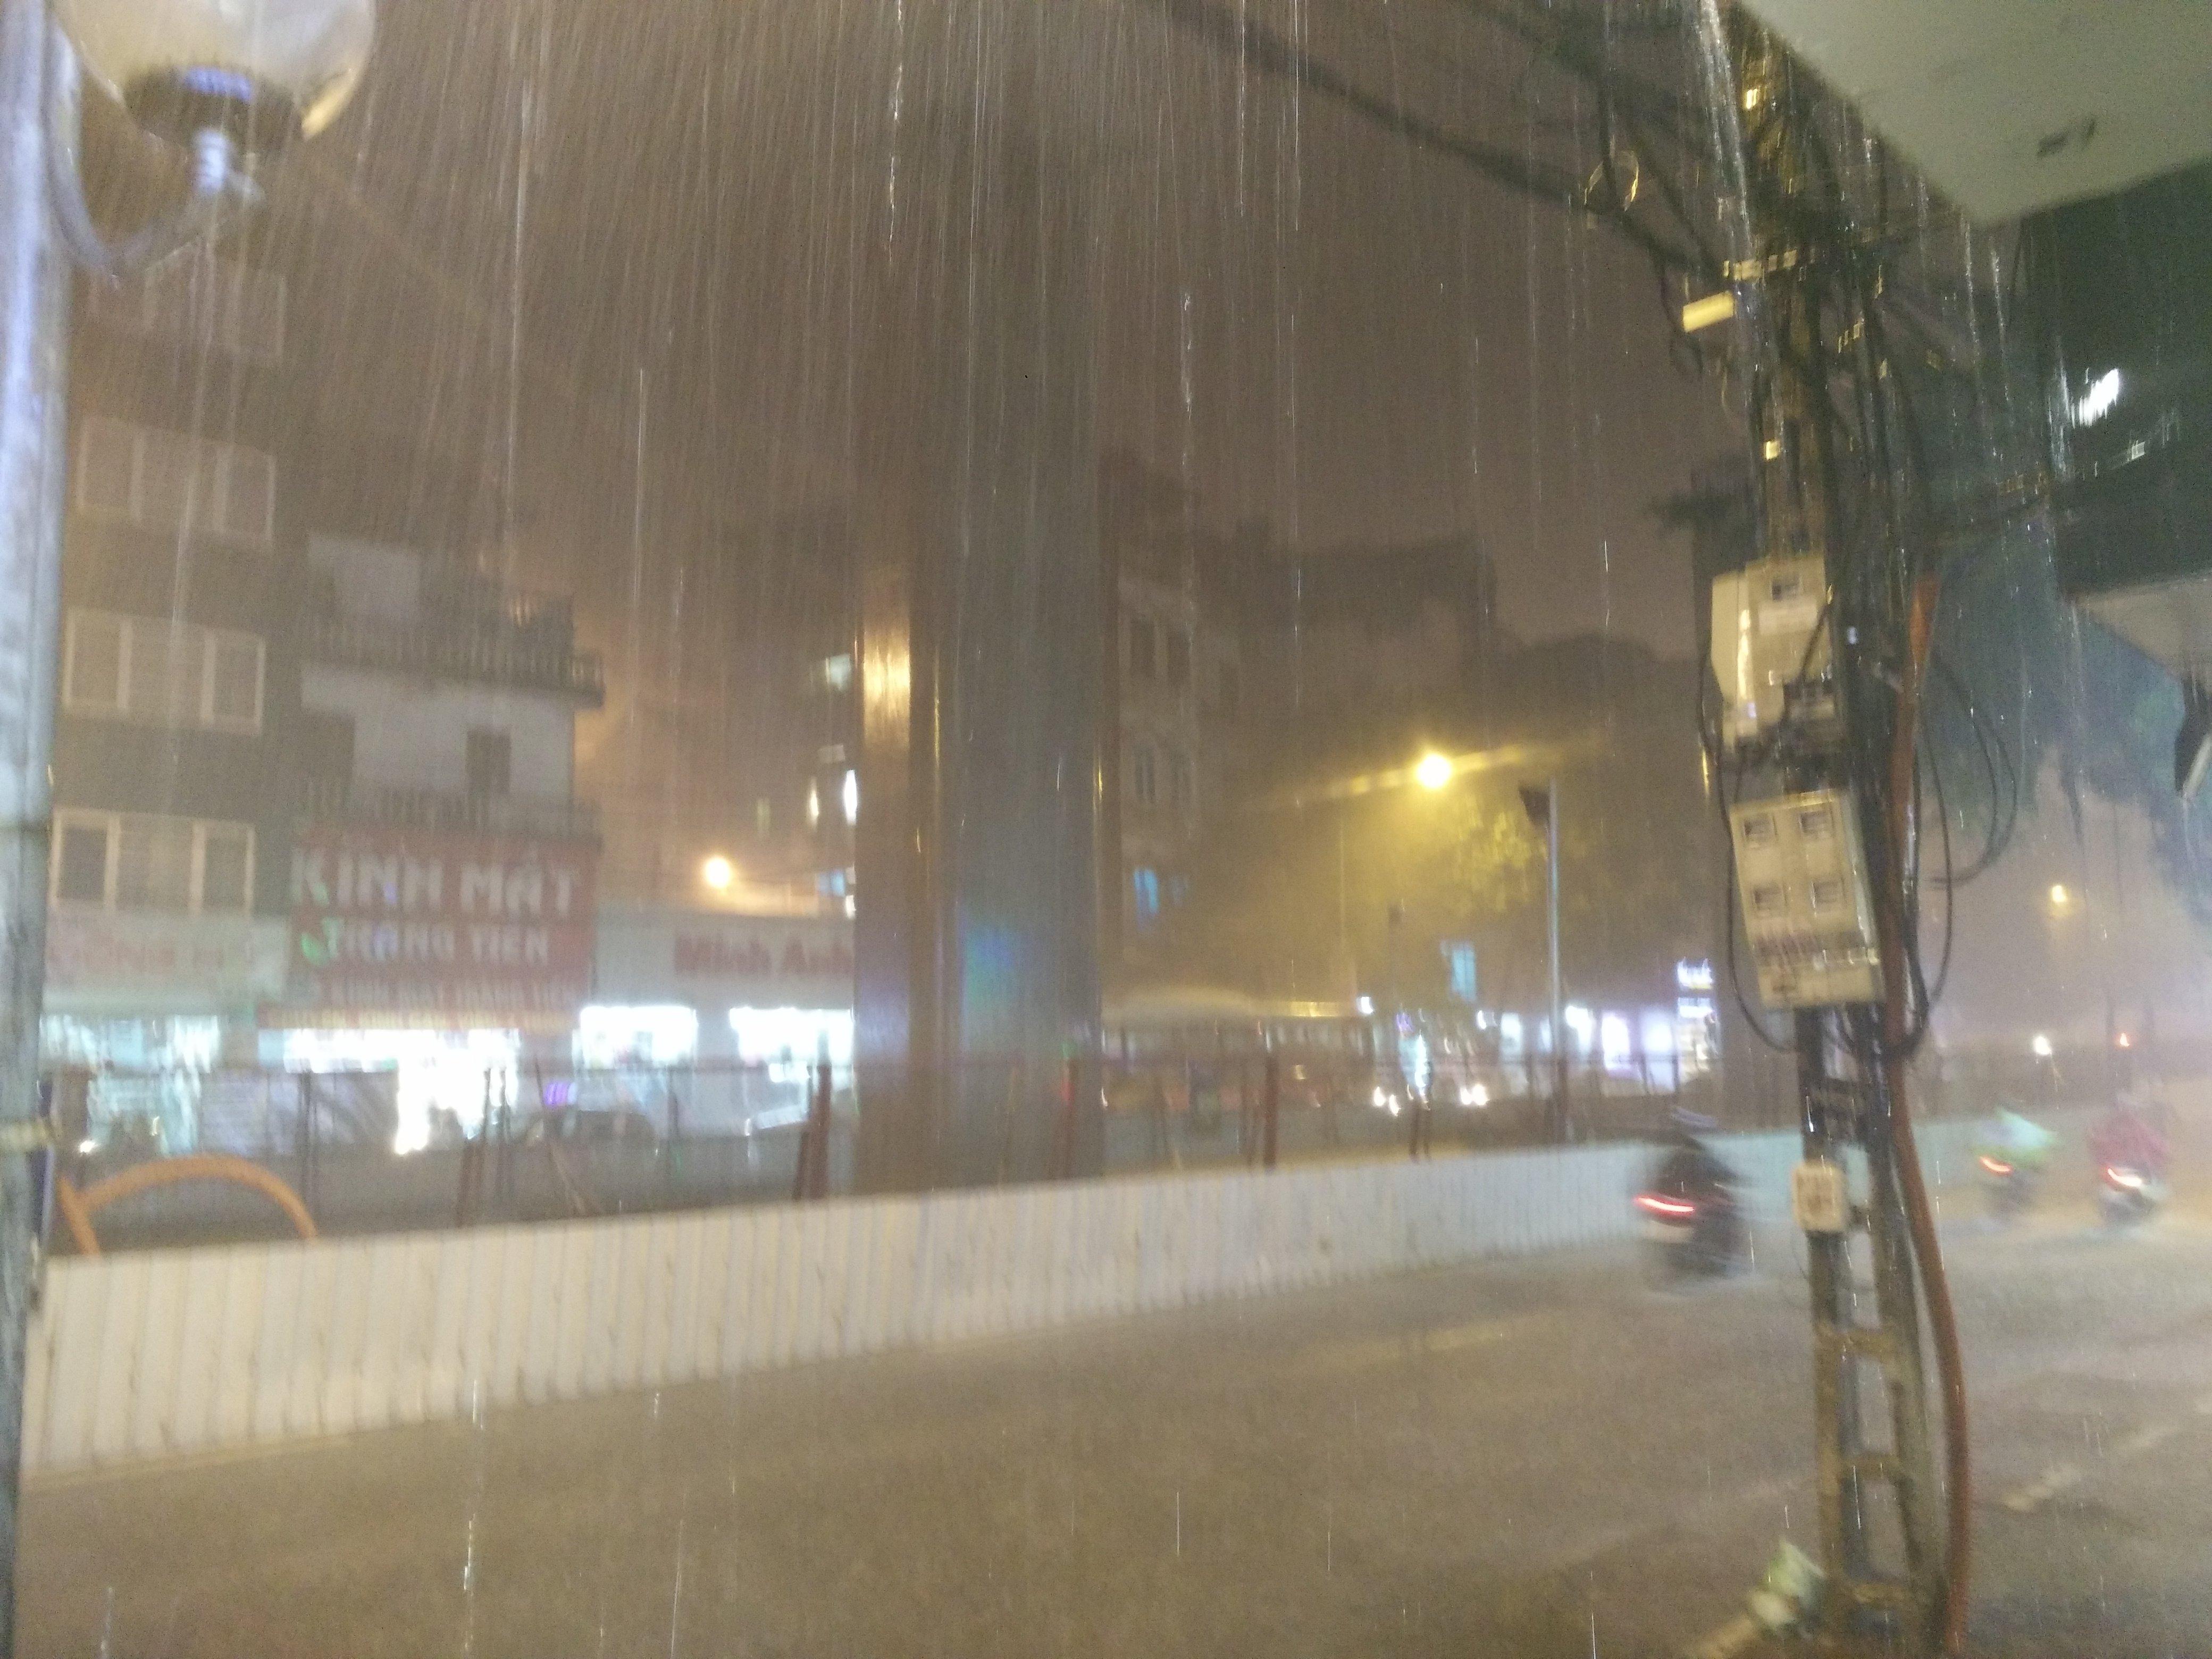 Bão Thần sét đã gây mưa dông, sấm chớp tại Hà Nội 3